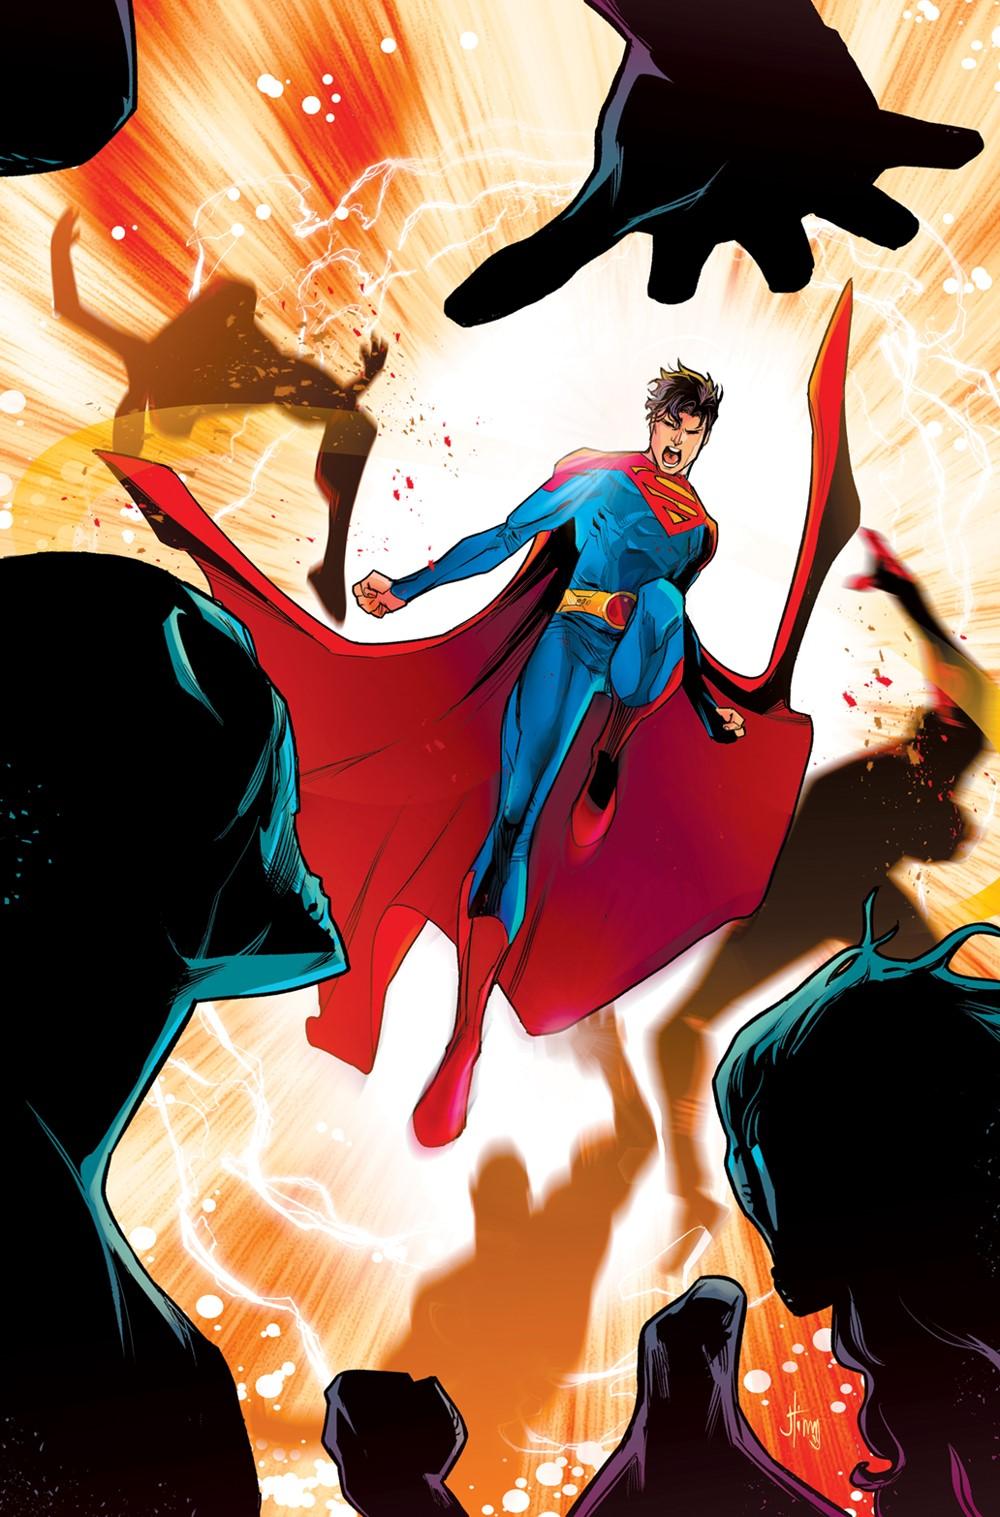 SOKE_Cv6 DC Comics December 2021 Solicitations